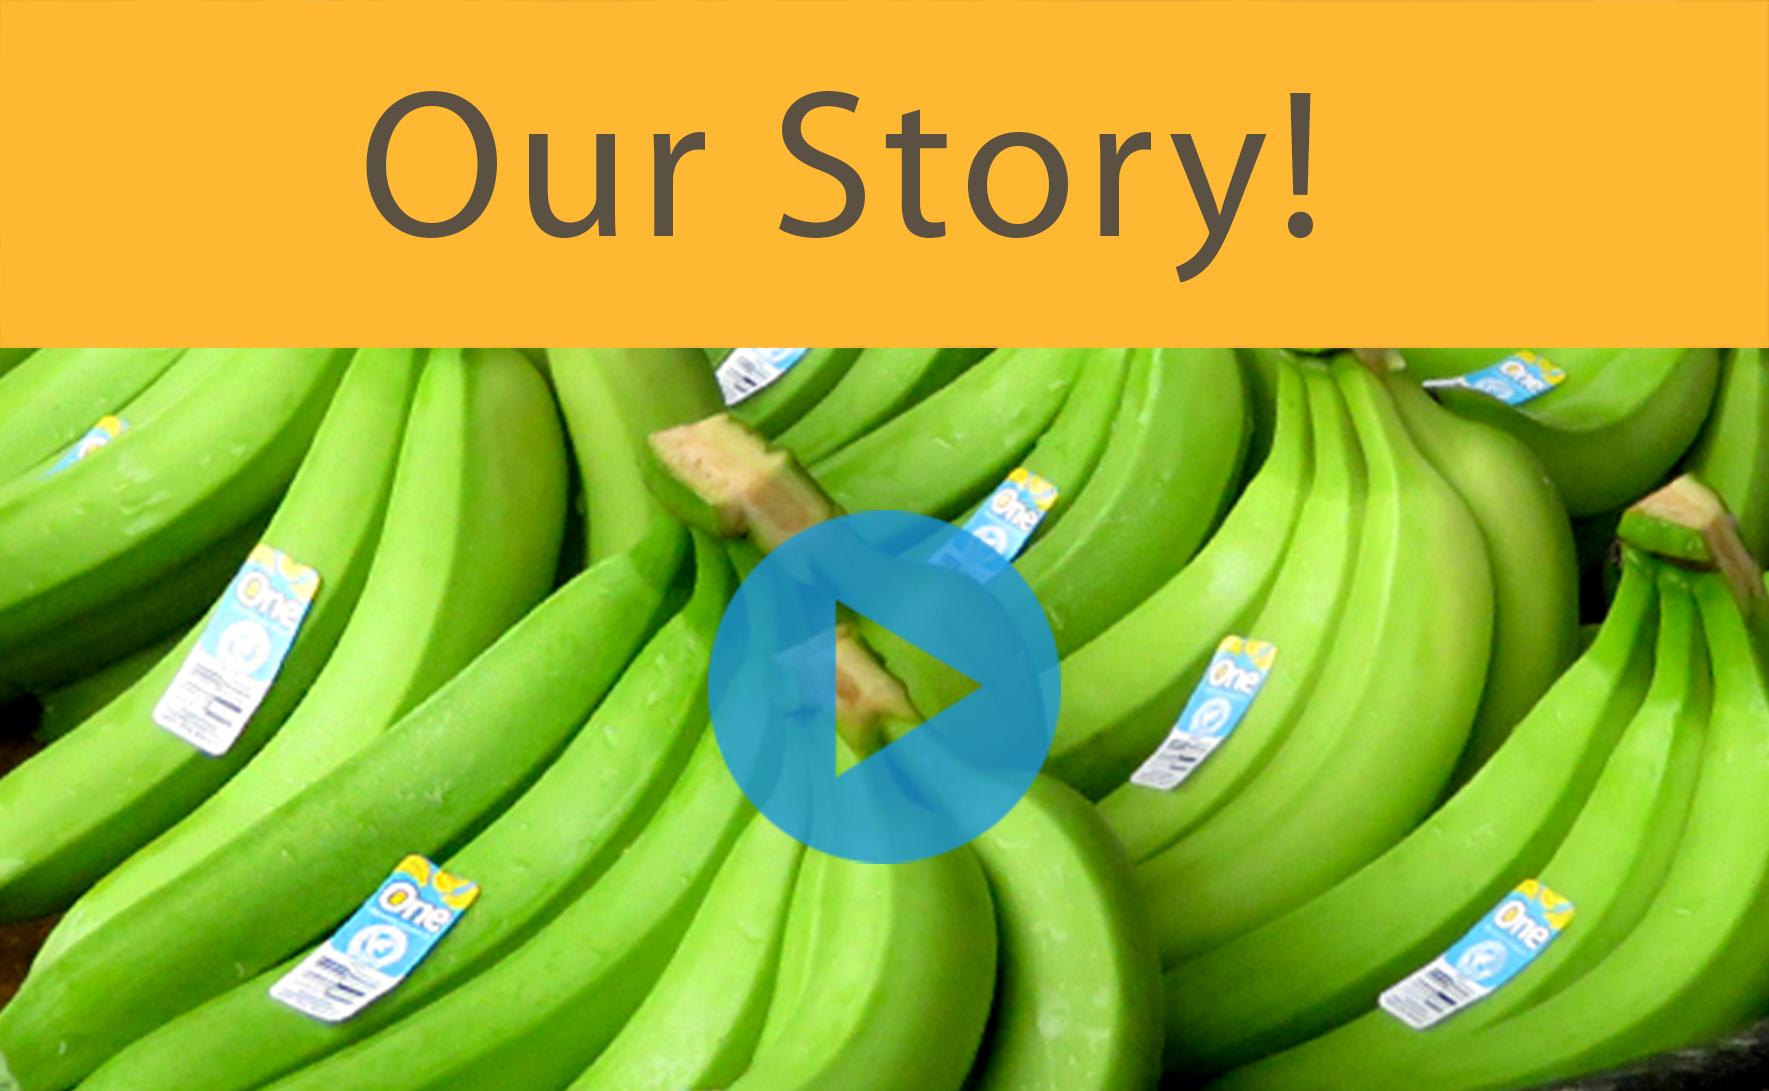 ONE Banana. The Better Banana Company